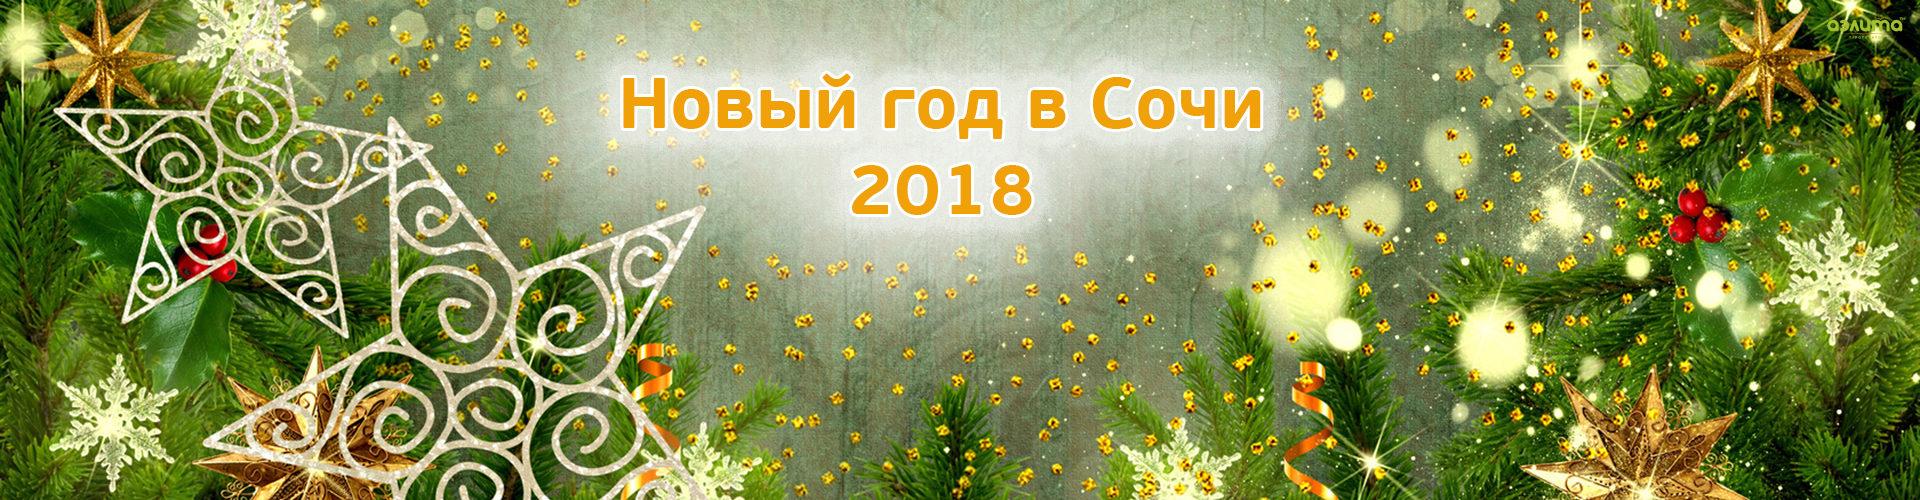 newyear_2018